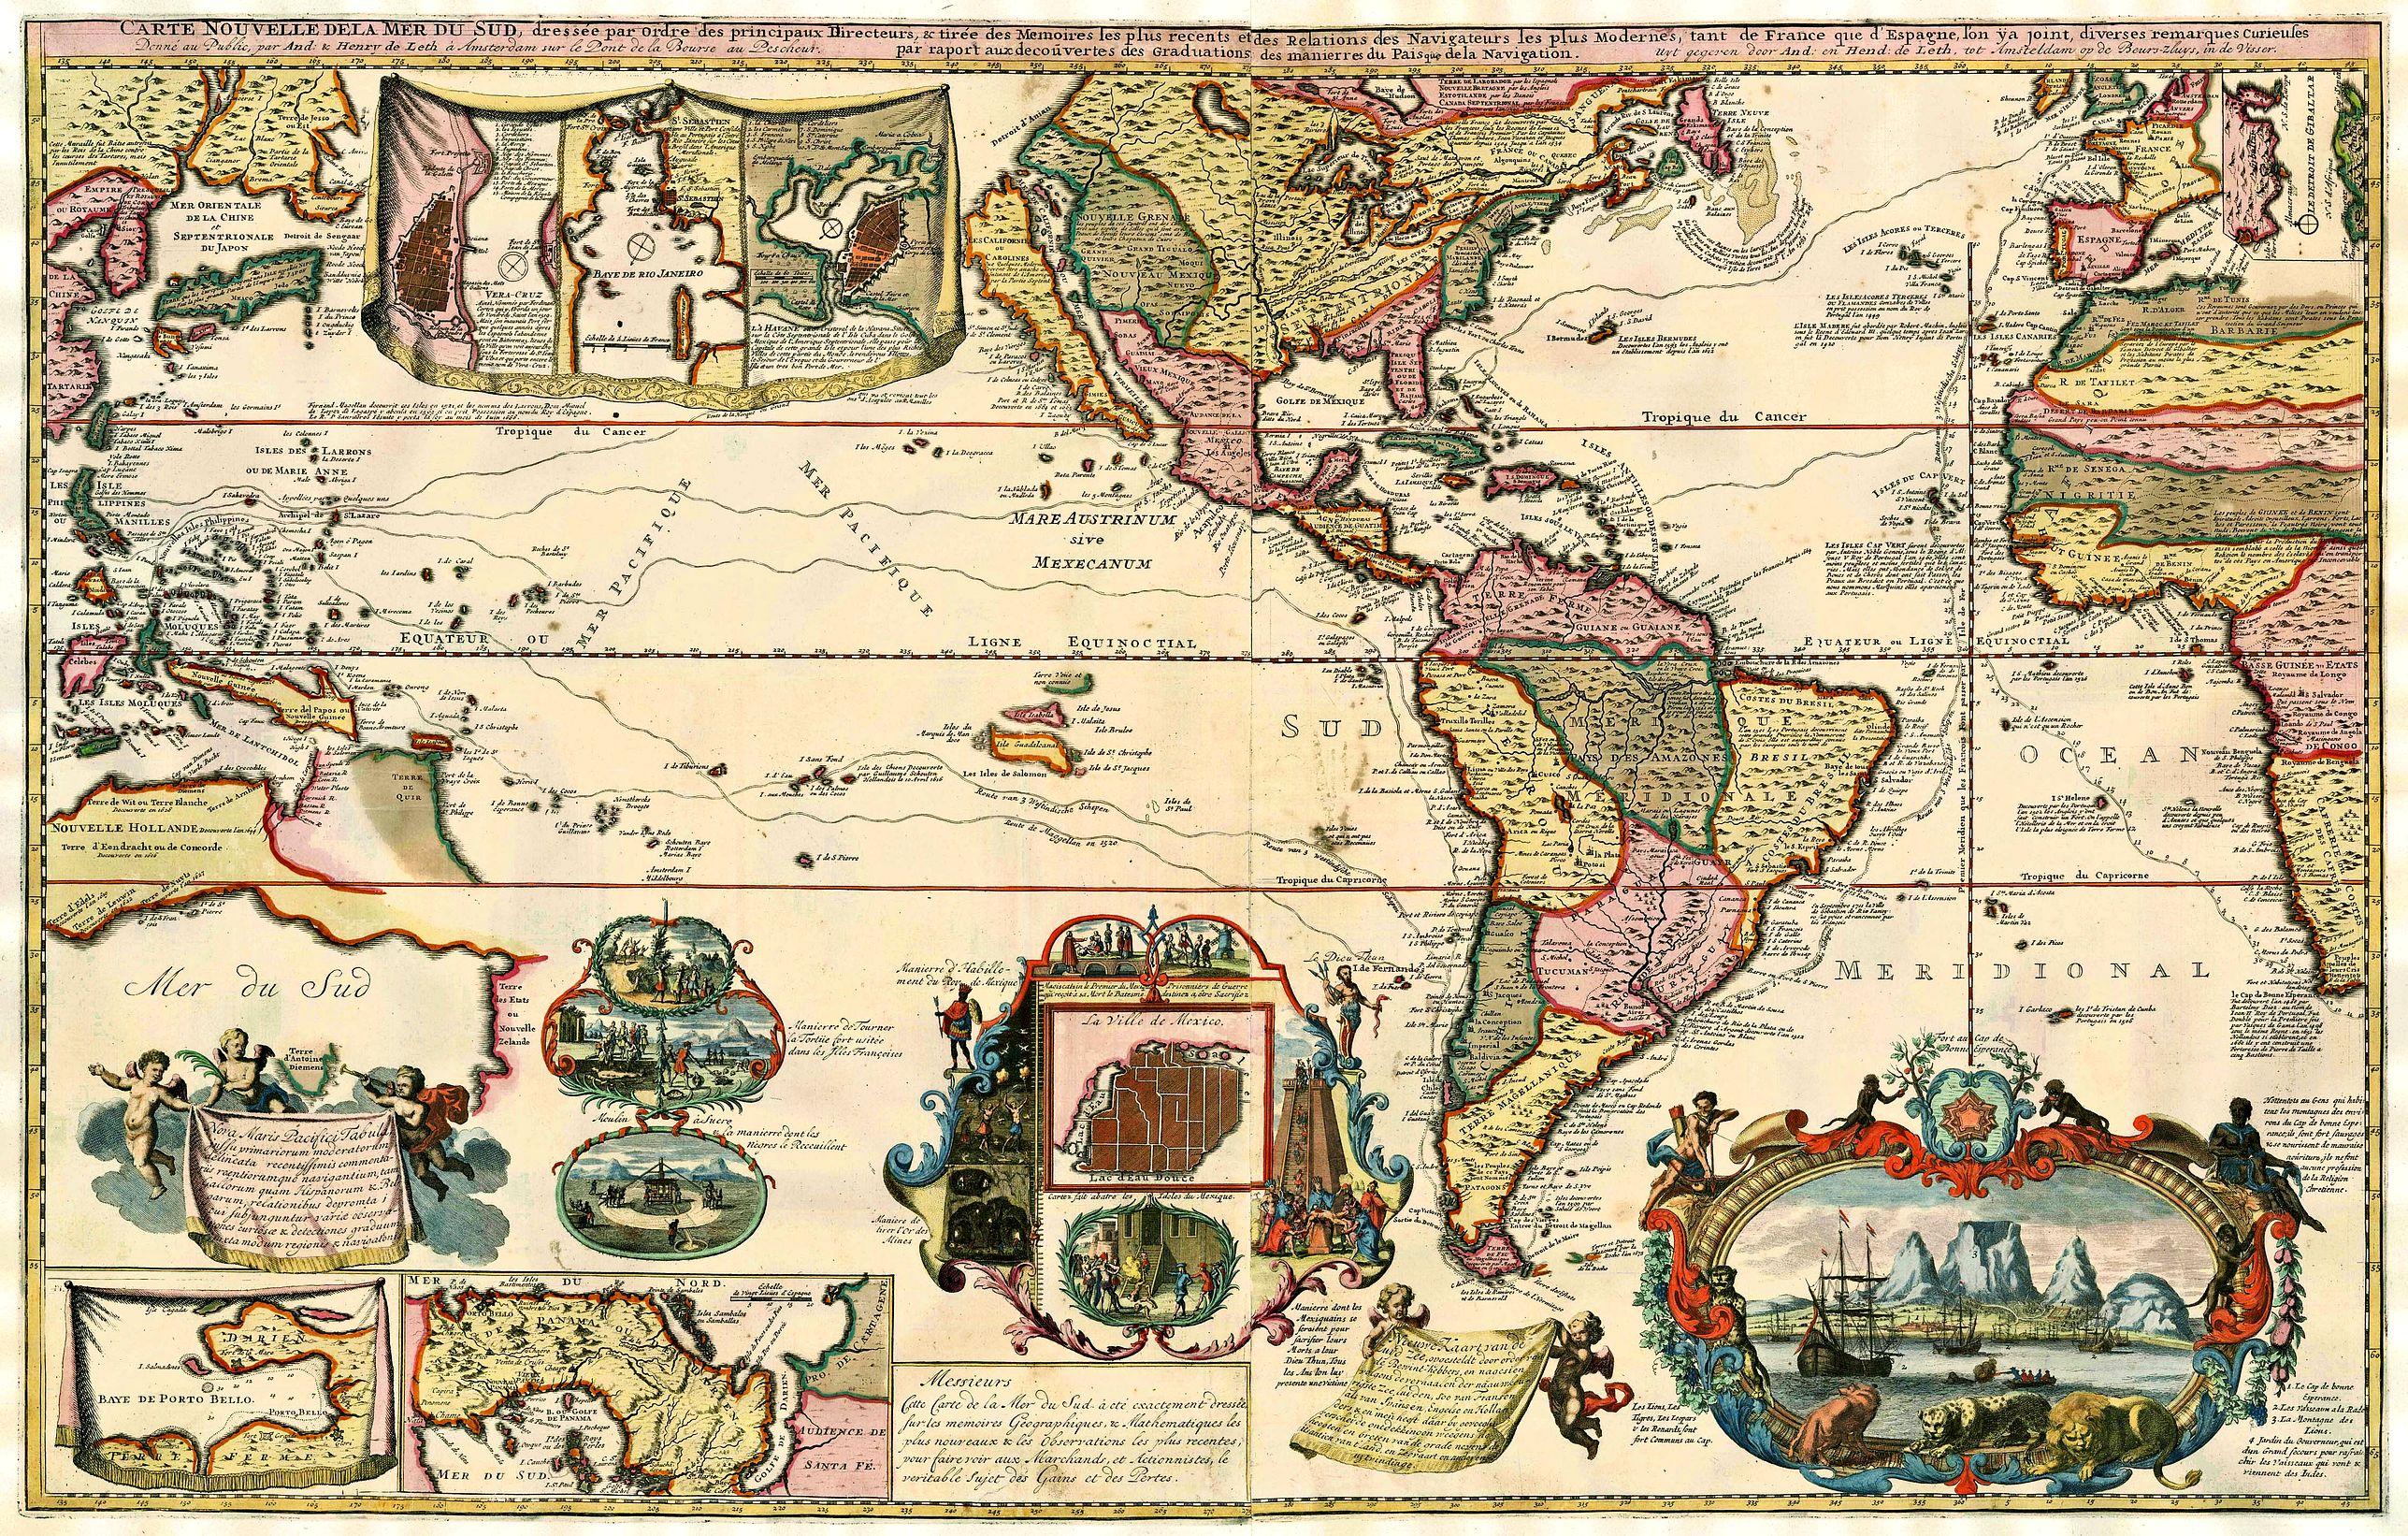 DE LETH, A. & H.  - Carte Nouvelle de la Mer du Sud.